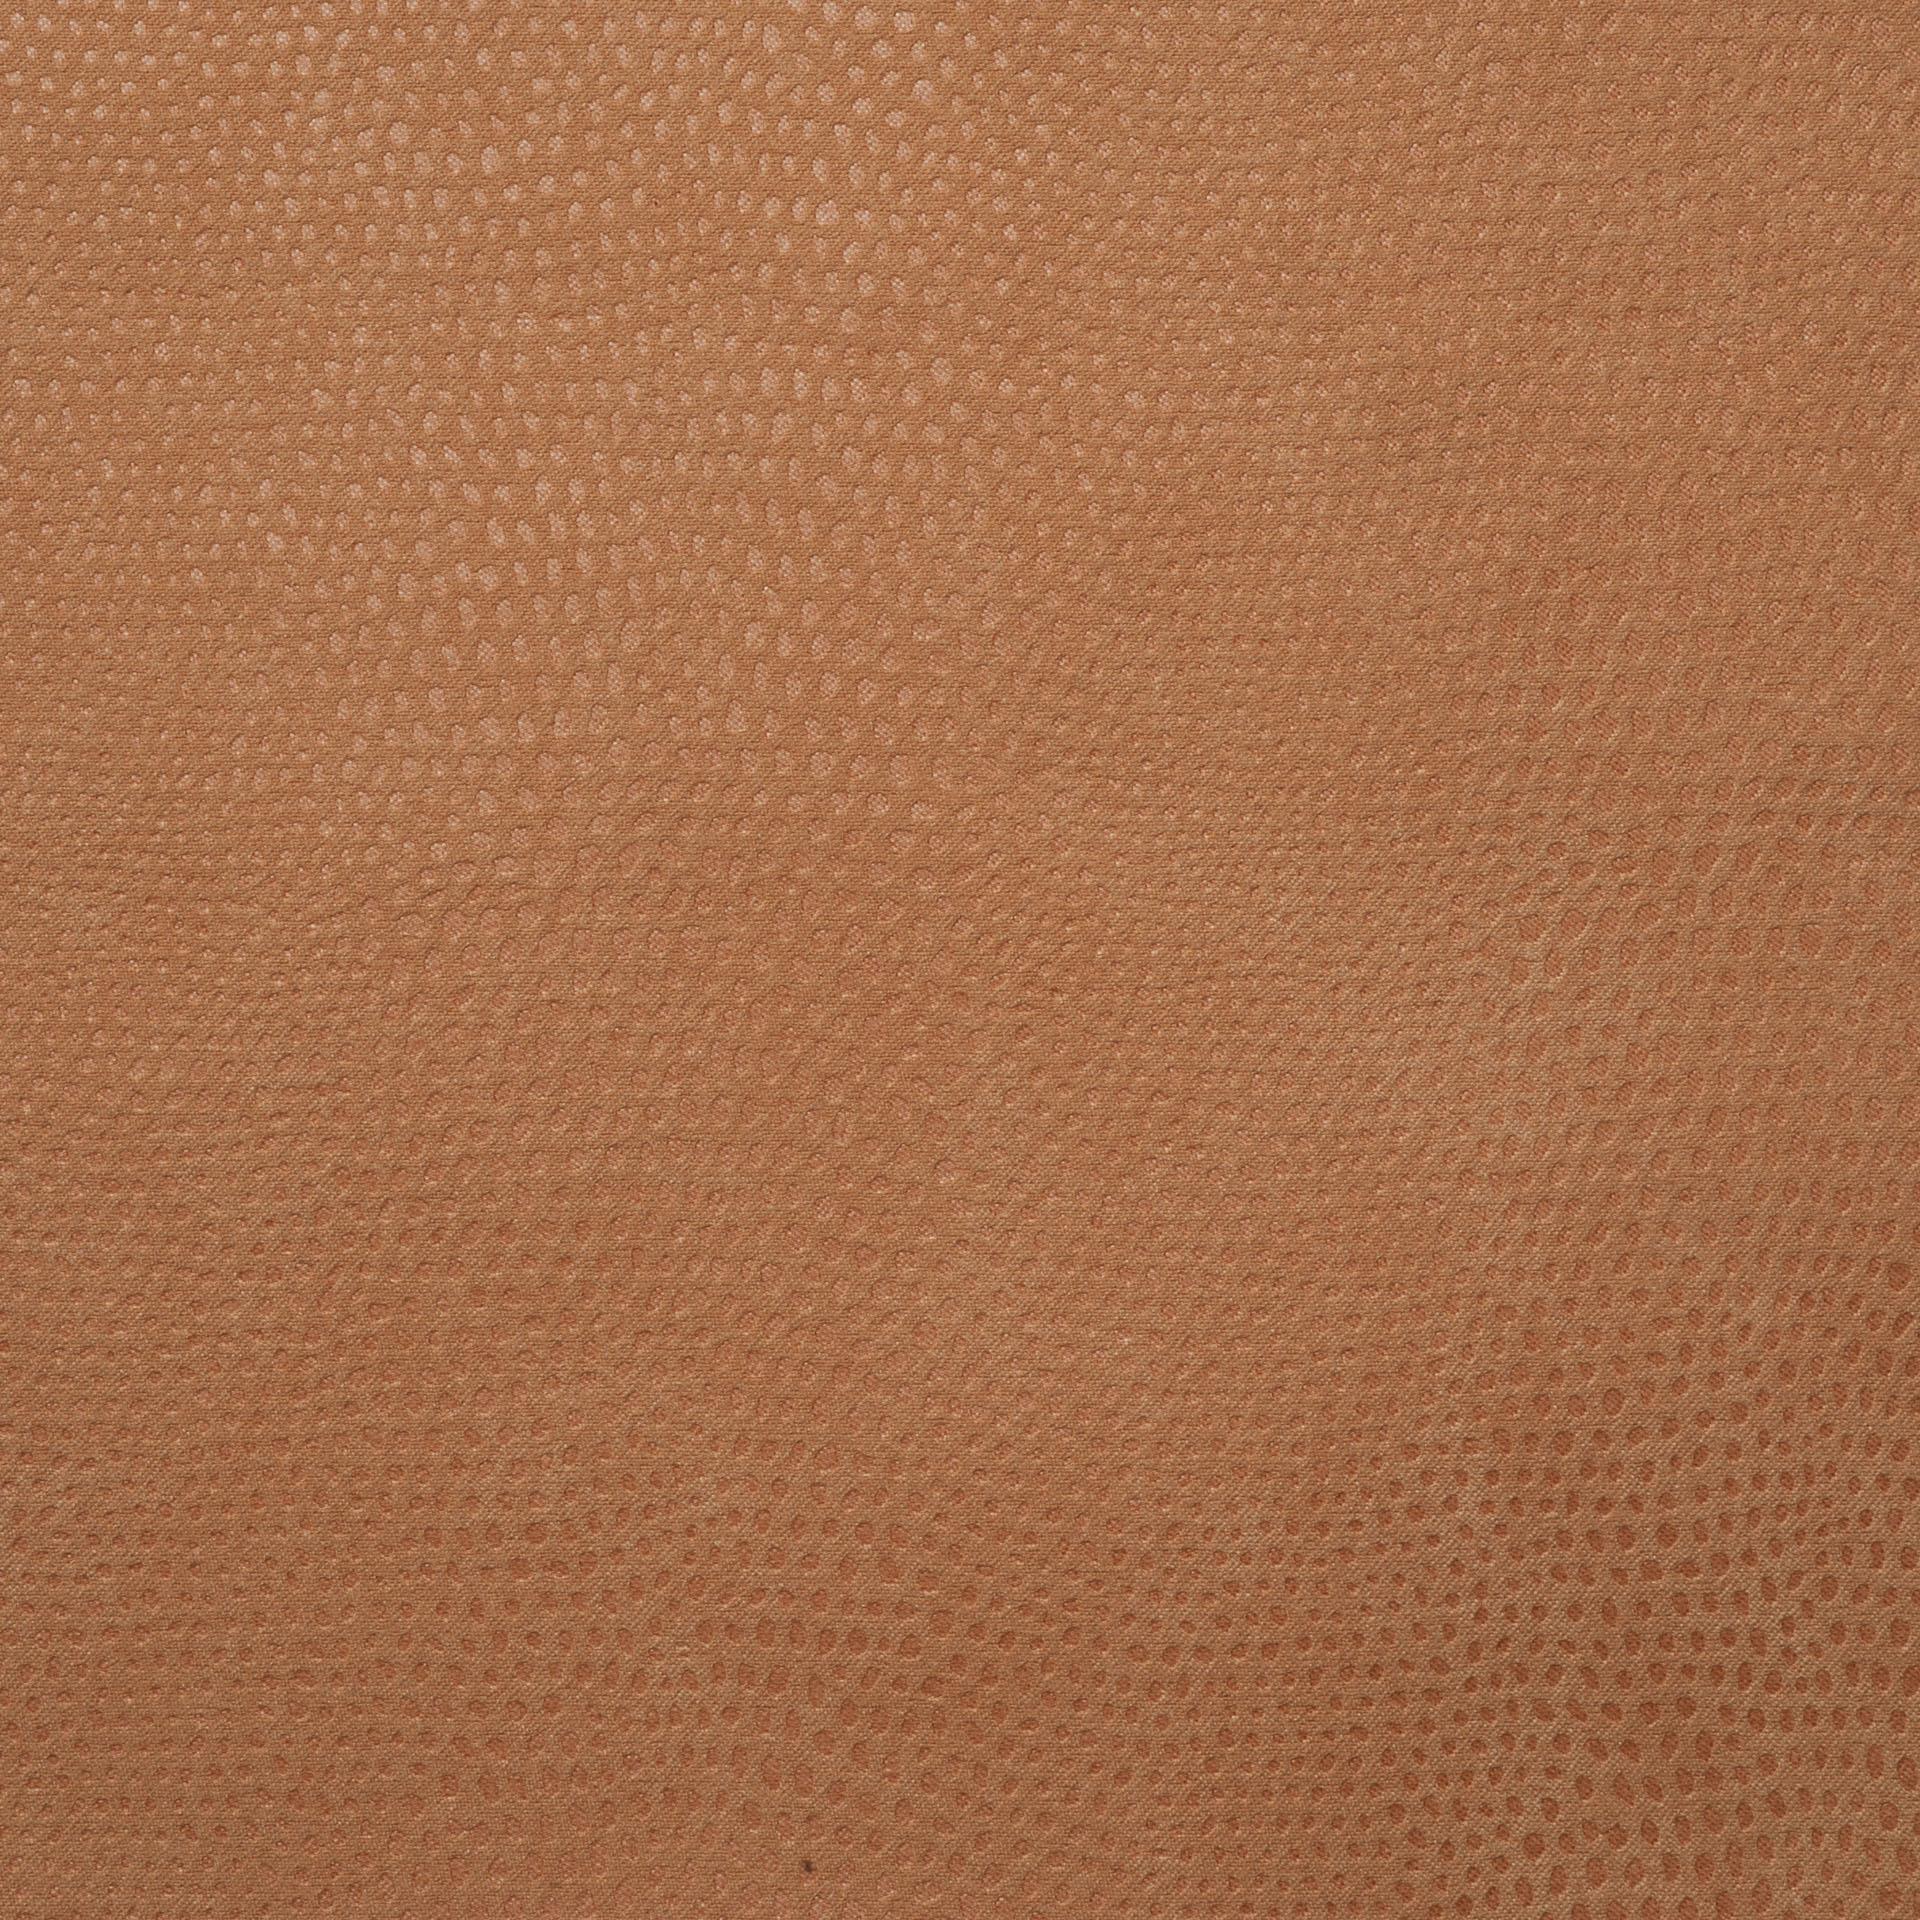 Коллекция ткани Снейк 3169 LACHS,  купить ткань Велюр для мебели Украина